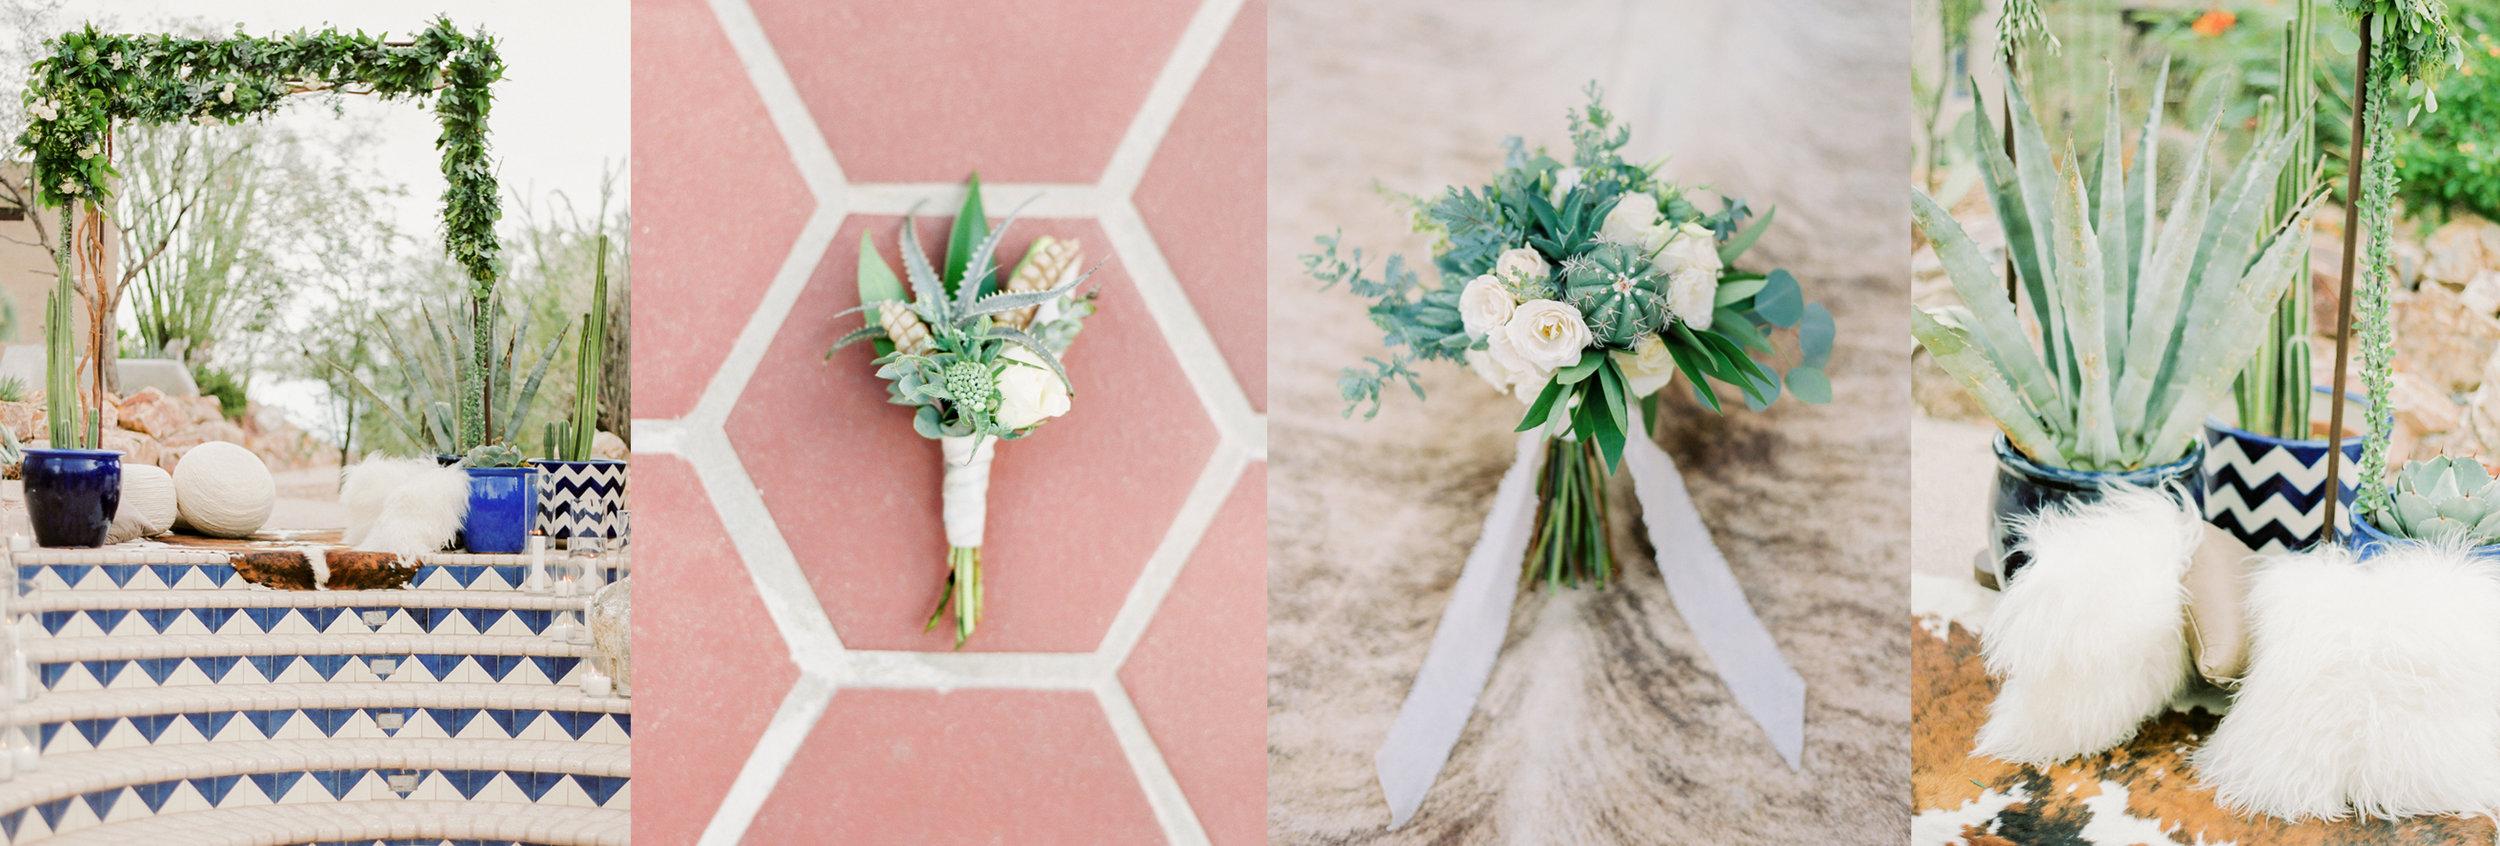 Tucson wedding floral